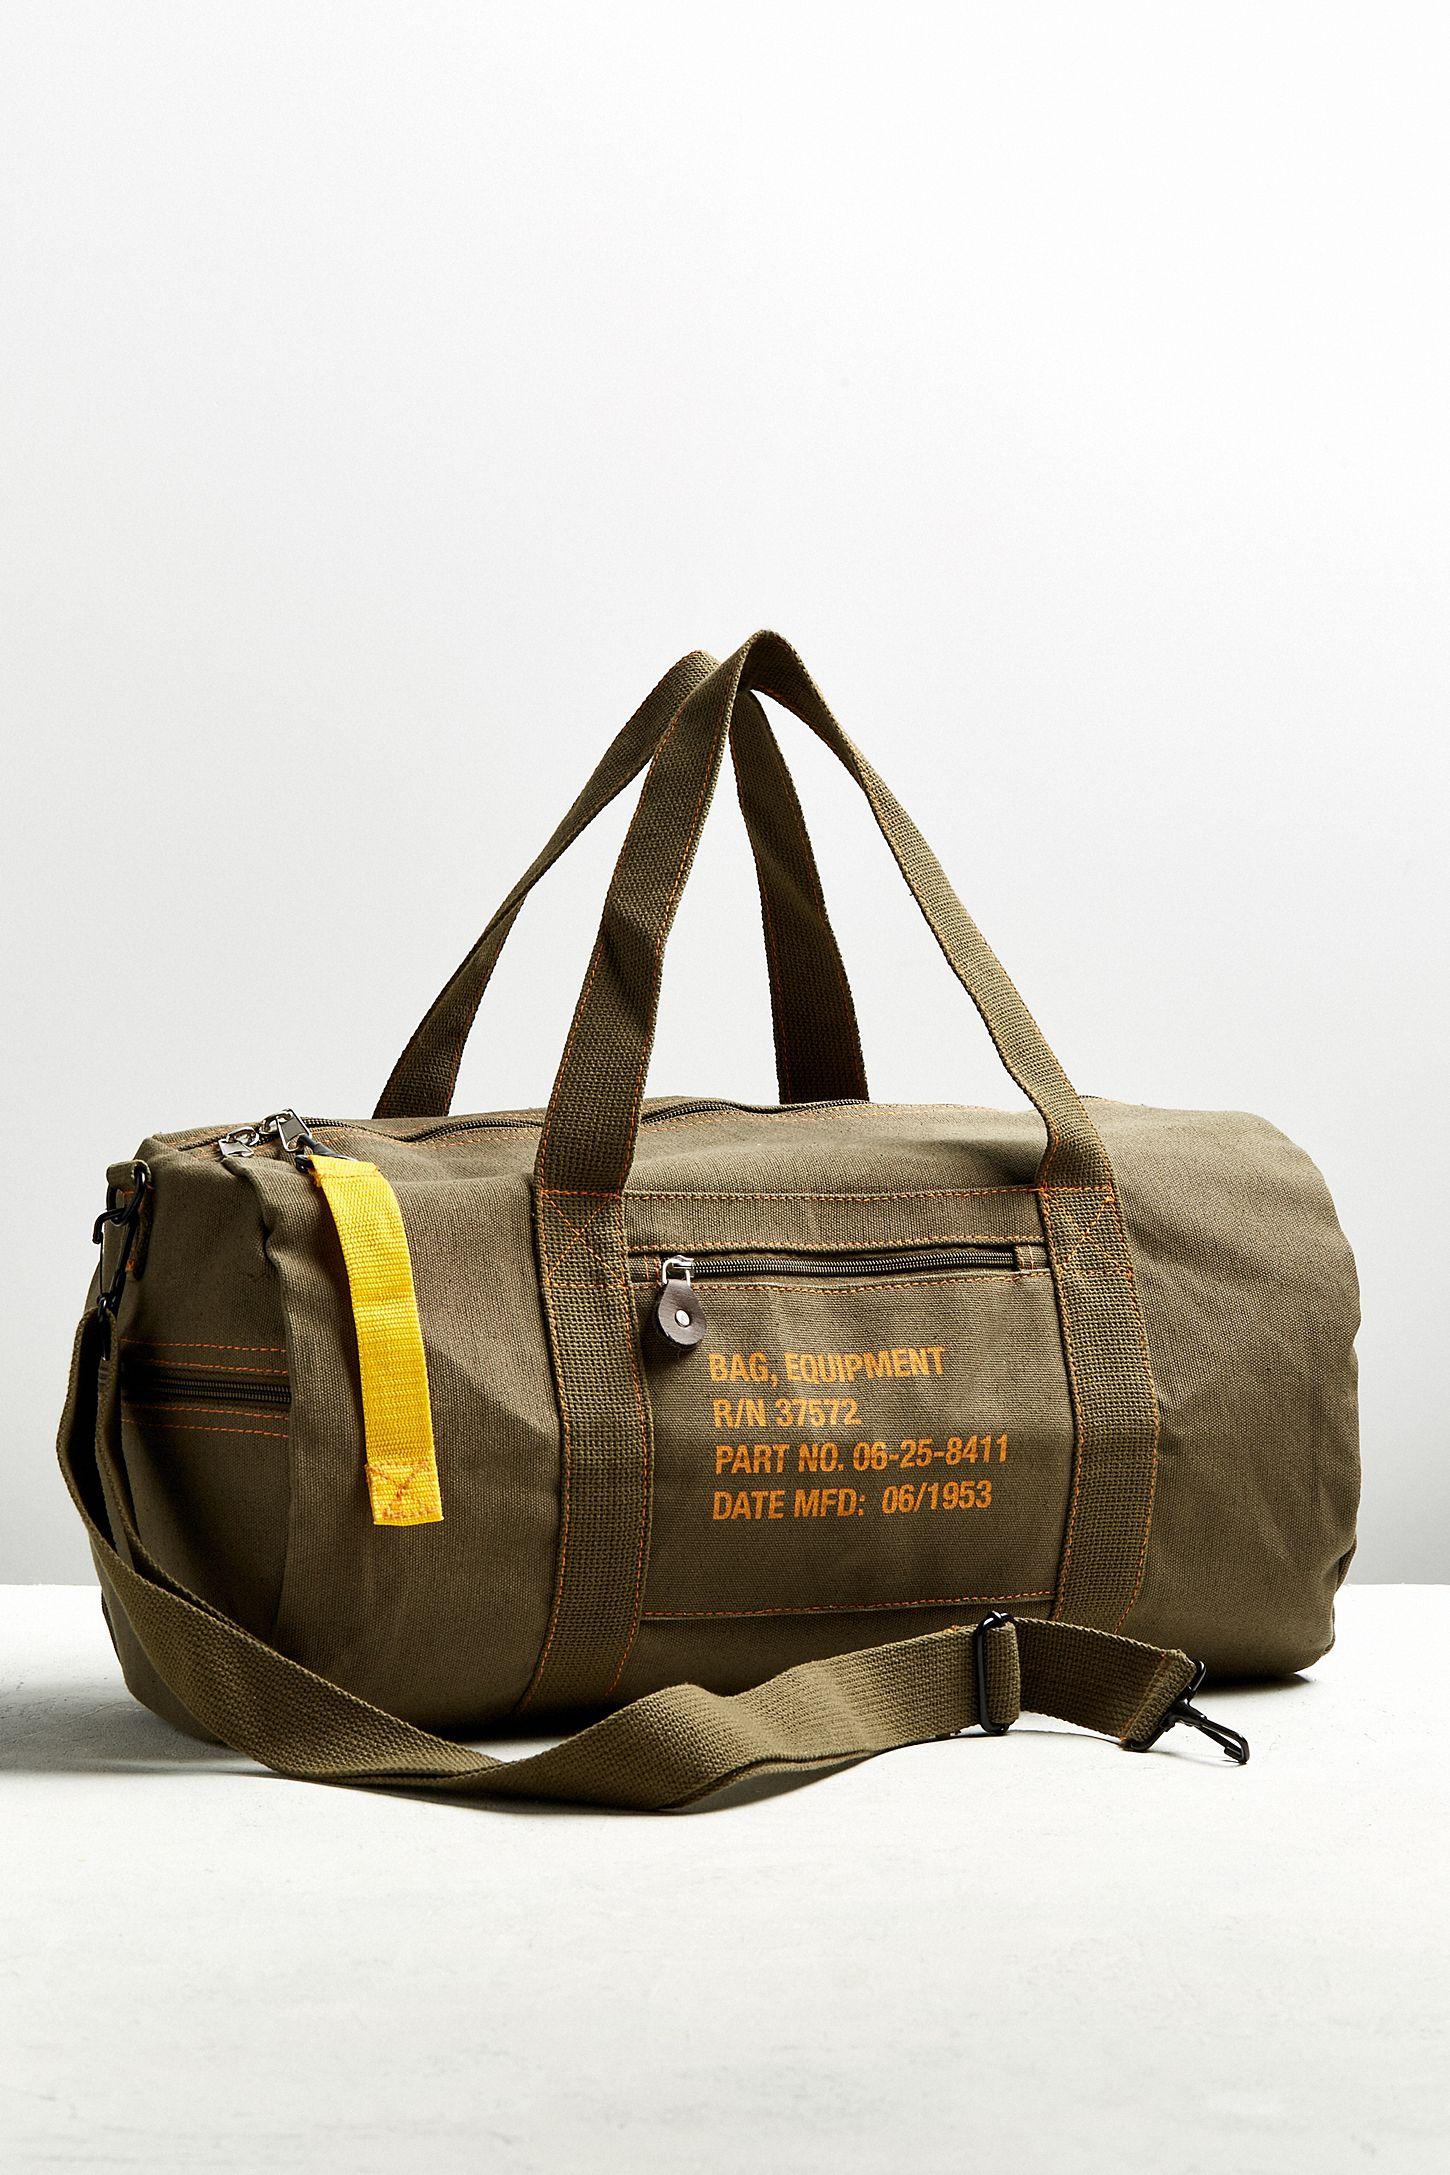 Rothco Canvas Equipment Duffle Bag  4d59a46b17938